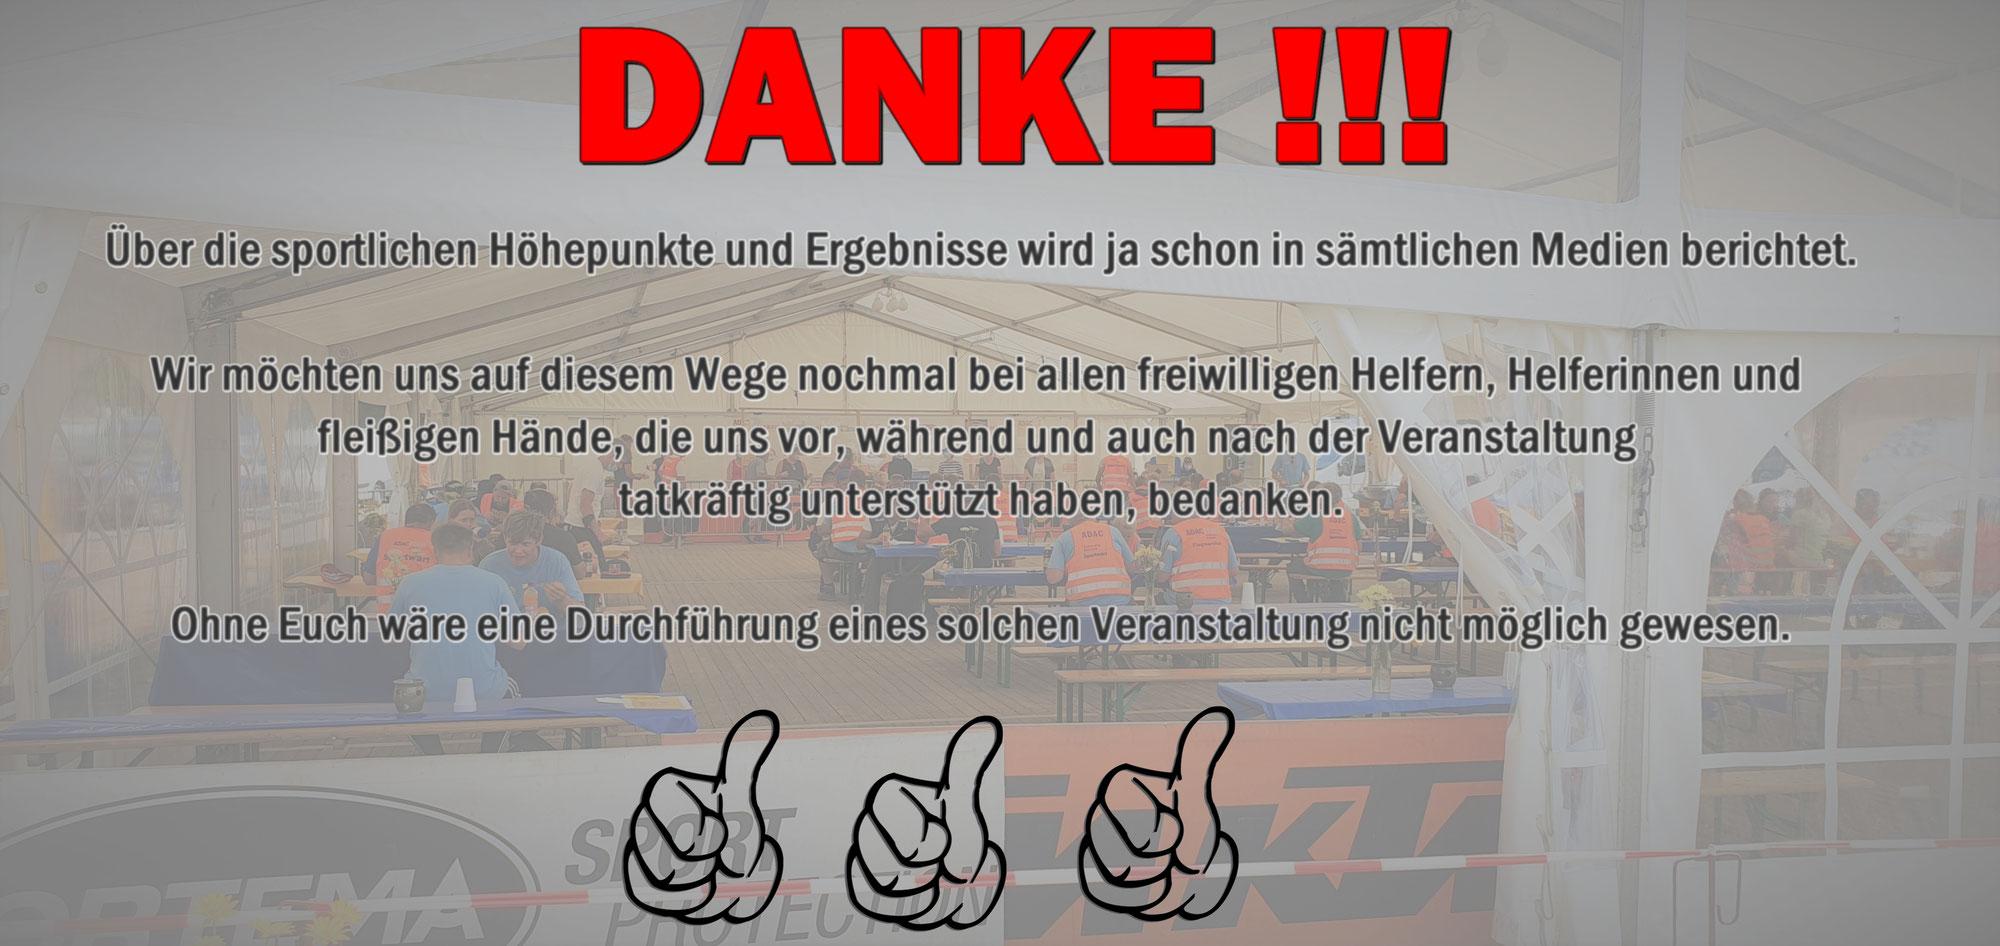 DANKE FÜR EIN TOLLES MX-WOCHENENDE